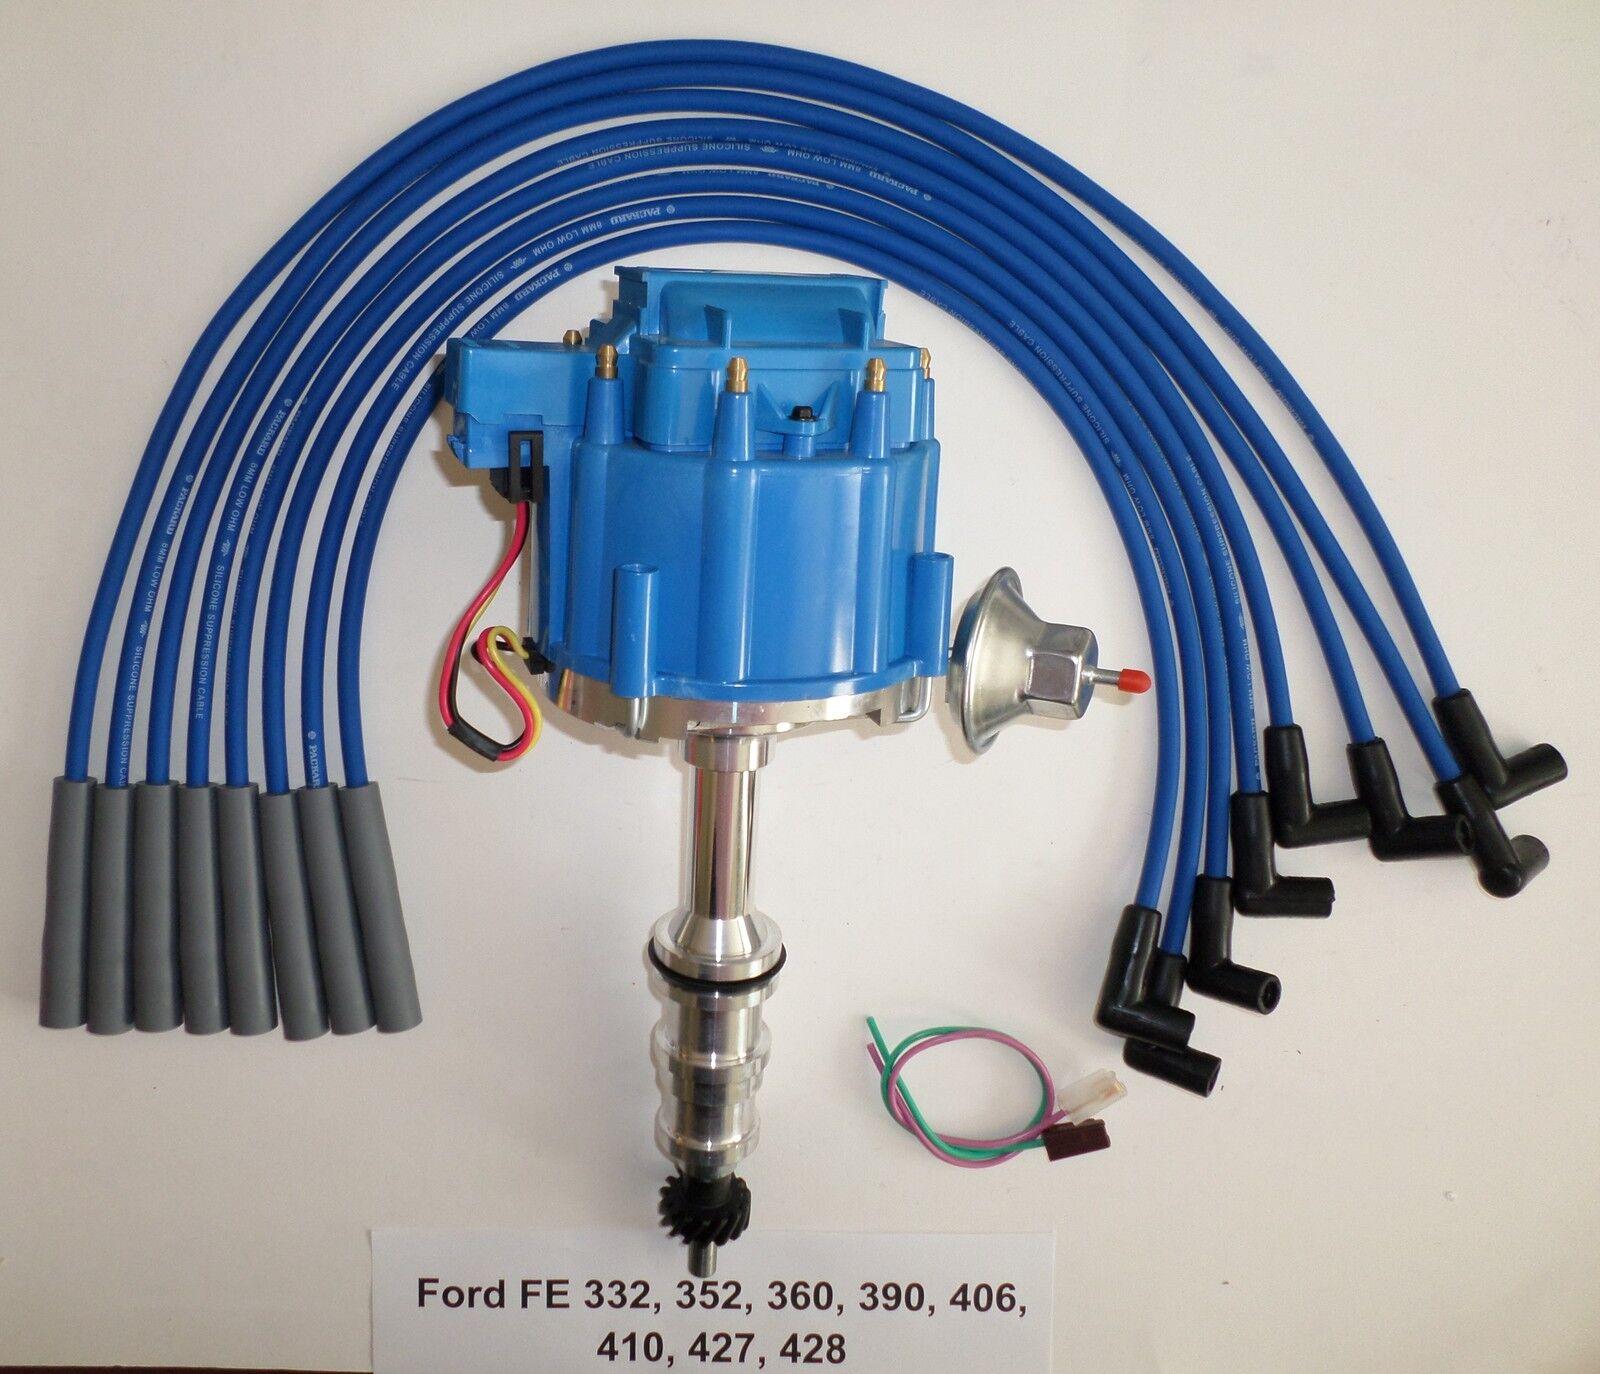 Ford Fe 352 Wiring Diagram 390 Spark Plug